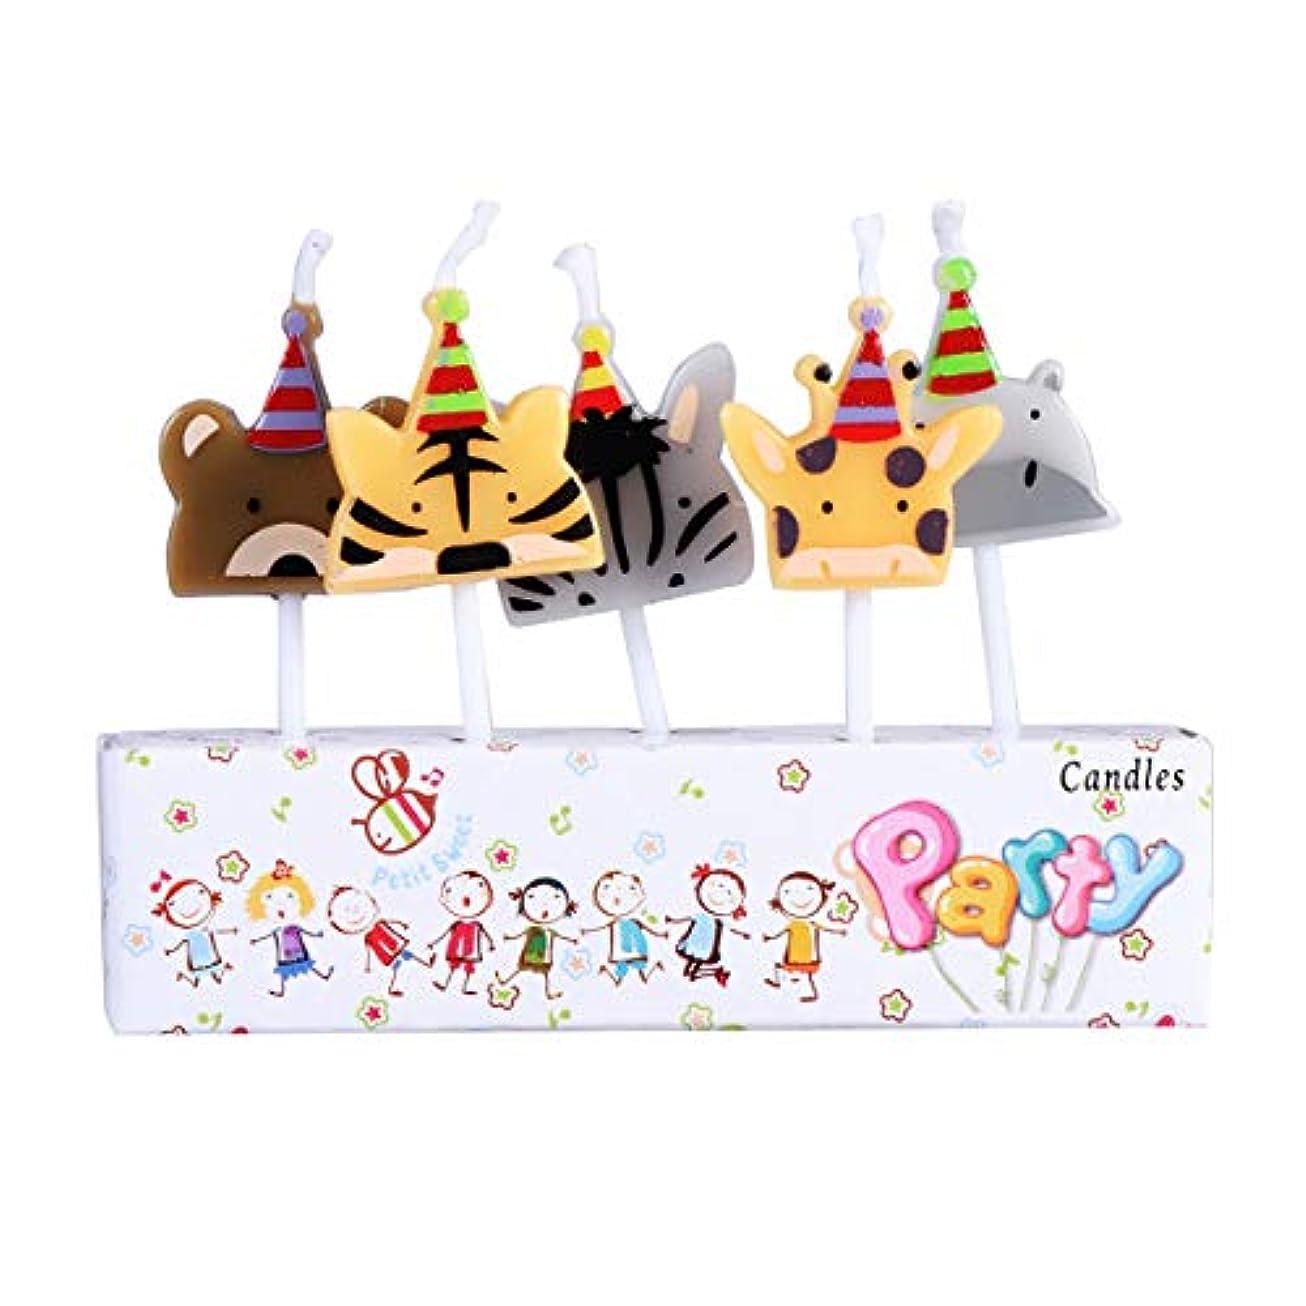 BESTOYARD 子供の誕生日の装飾のための5本の動物の誕生日ケーキの蝋燭